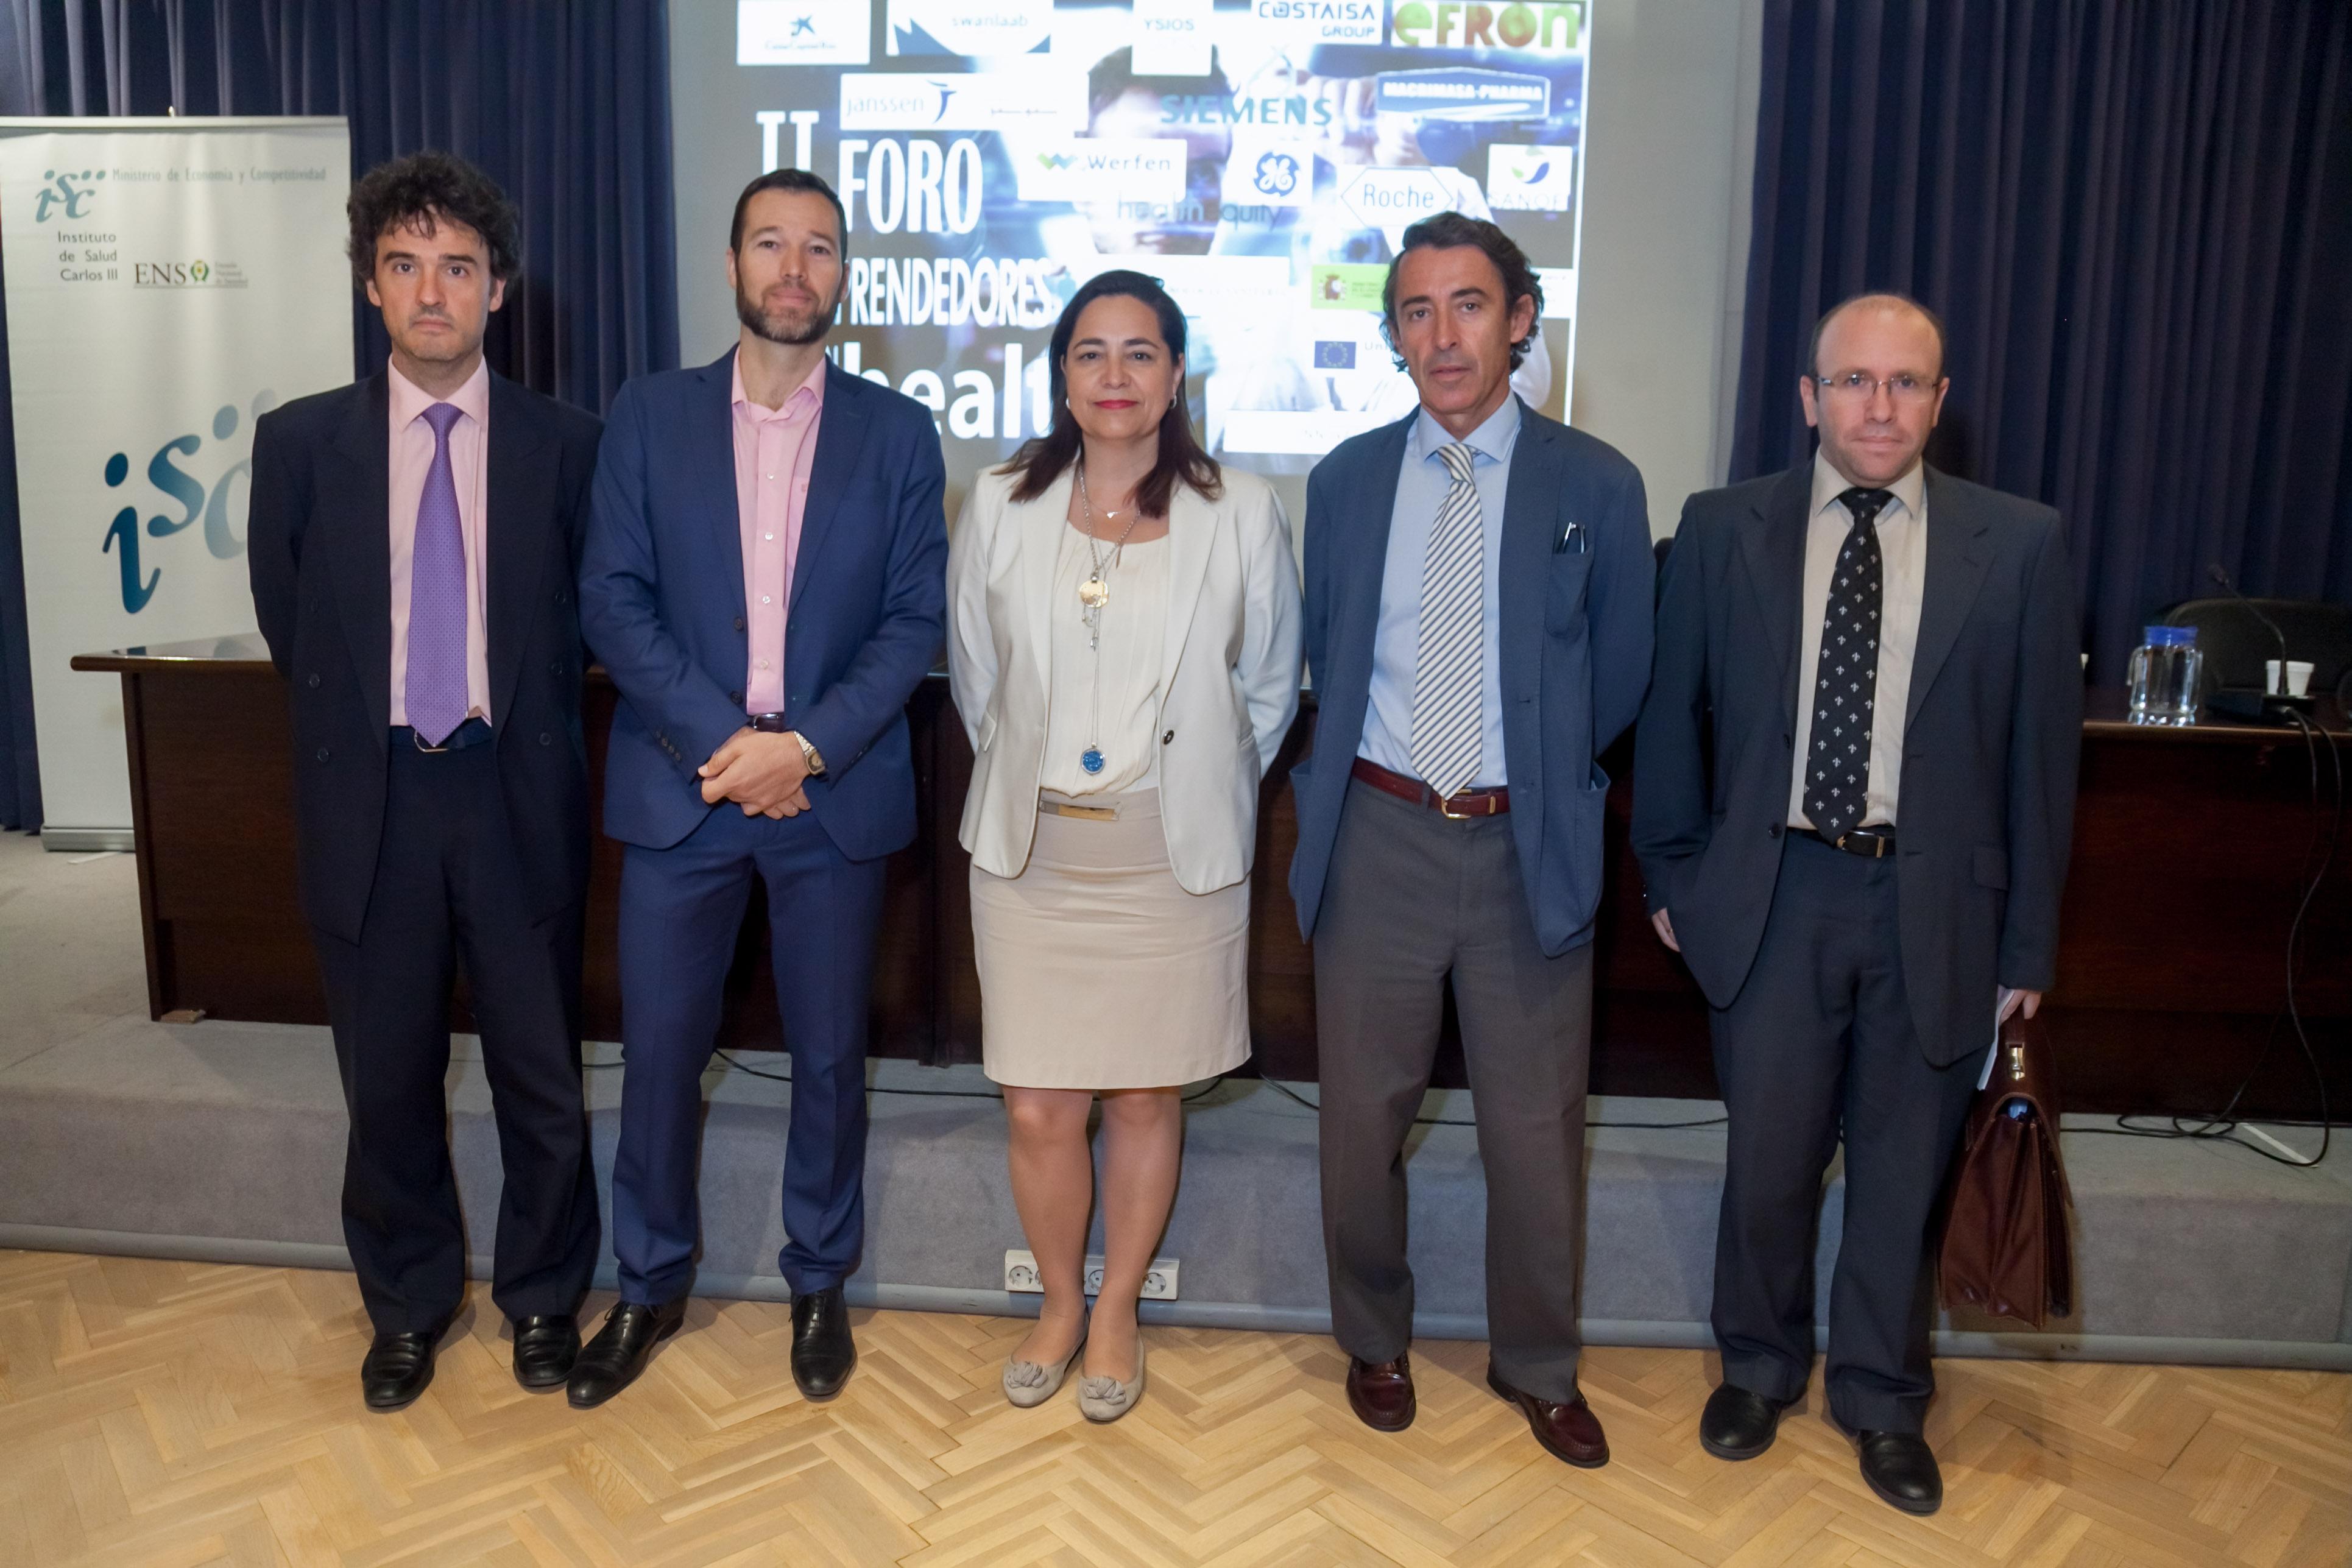 El II foro de emprendedores en E-Health de Fenin presenta 14 proyectos empresariales innovadores